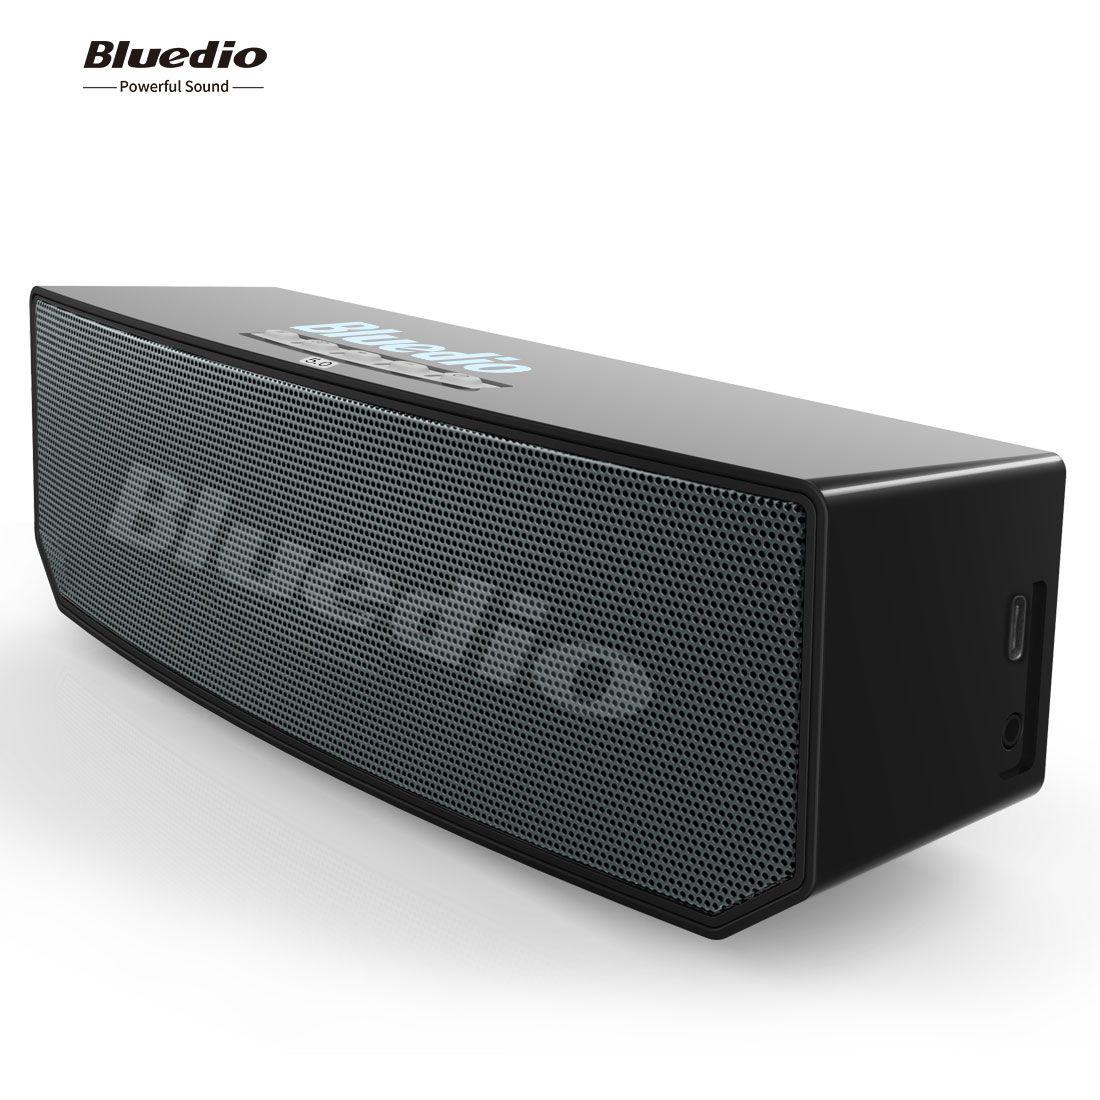 Satın Al YENİ Bluedio BS 5 Taşınabilir 3D Stereo Müzik Bluetooth Hoparlör  Mini Stereo Yüksek Güçlü Subwoofer Araba Ücretsiz Nakliye, TL518.25